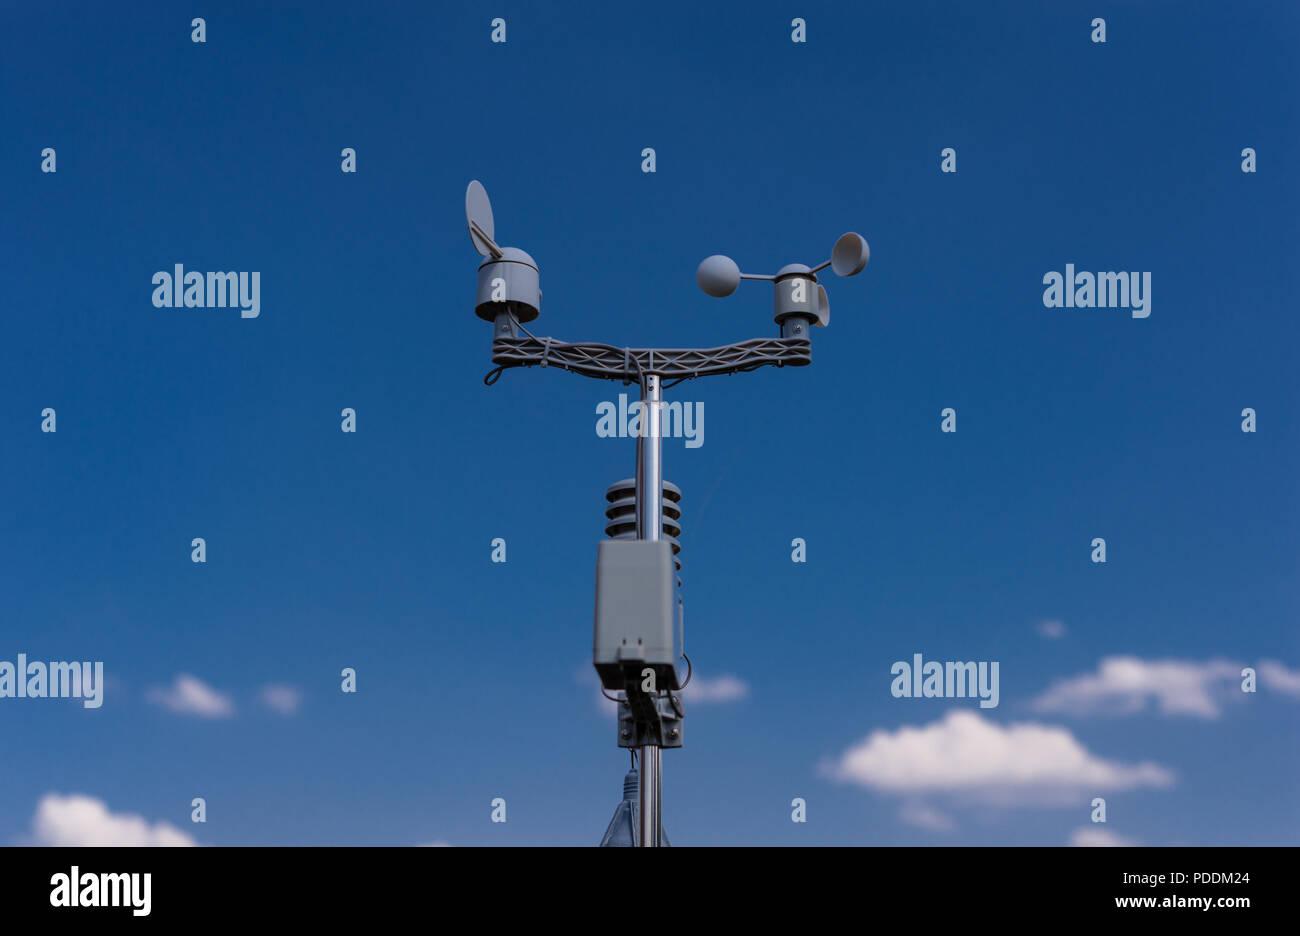 Estación meteorológica casera sobre un fondo de cielo azul con el sol detrás de las nubes. Medición de la temperatura, la humedad y la dirección del viento Foto de stock